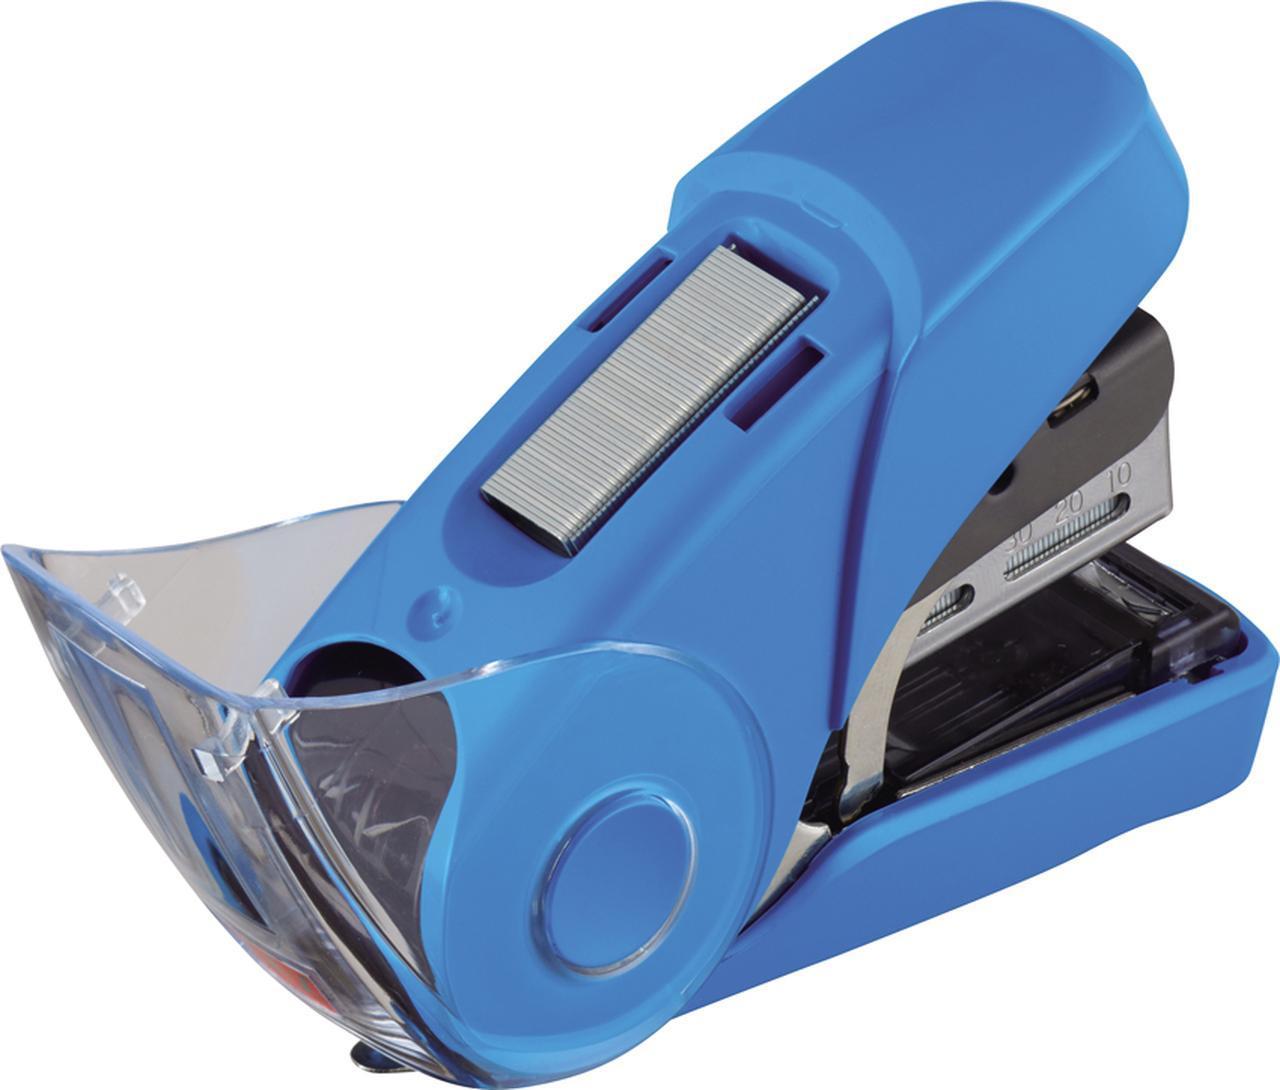 画像: 上部の予備針ポケットに100本(50本×2)を収納可能。針切れを気にすることなく利用できる。